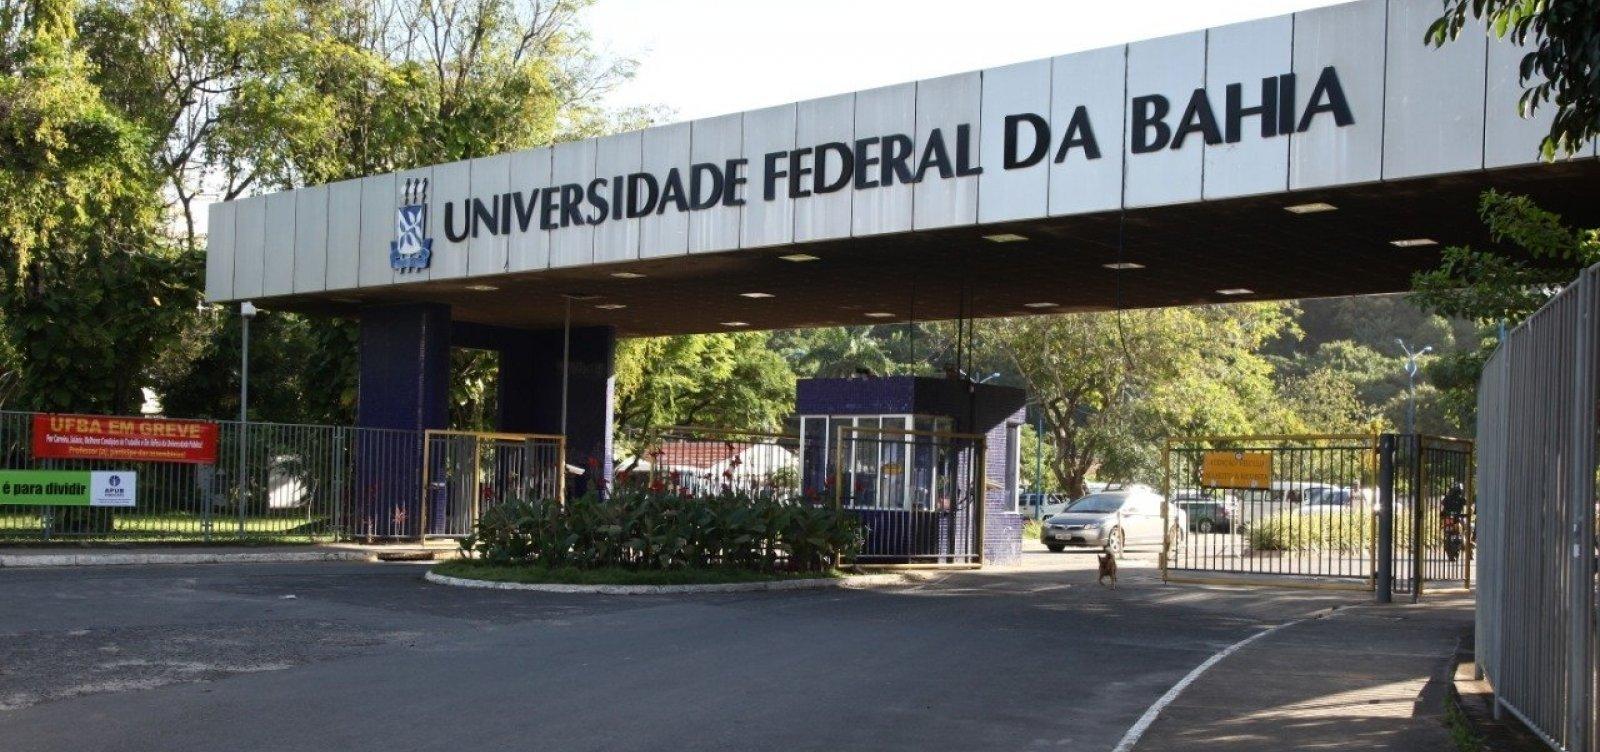 [Ufba convoca candidatos aprovados em segunda chamada para aferição das cotas raciais]